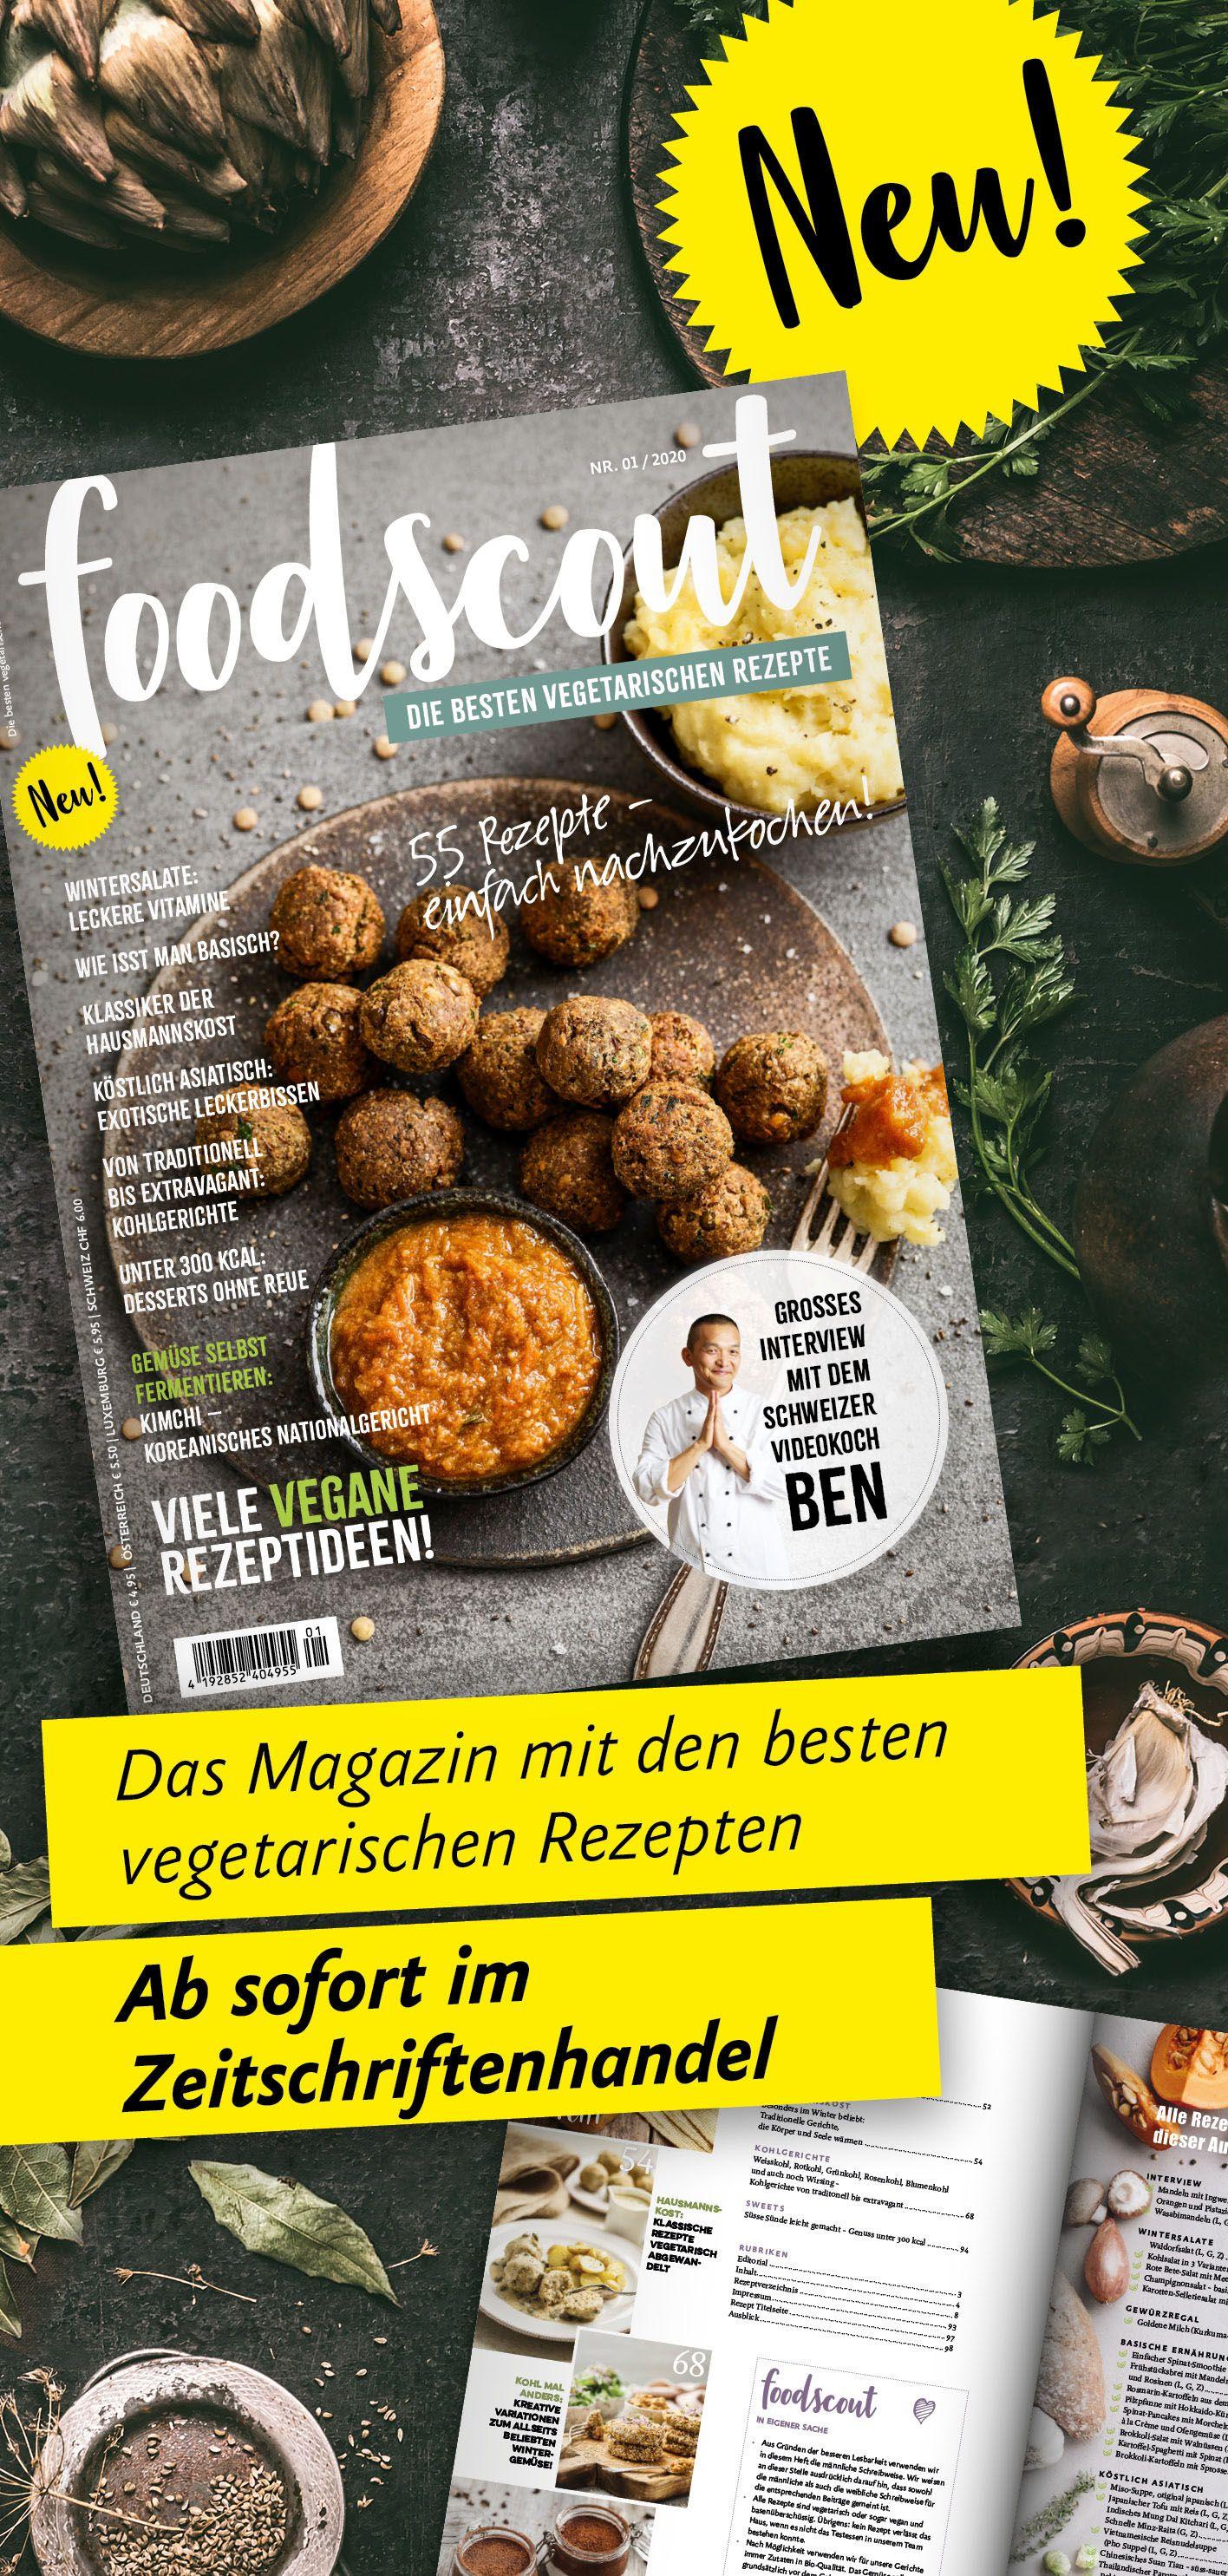 Foodscout Die Neue Rezepte Zeitschrift In 2020 Vegetarische Rezepte Rezepte Rezept Zeitschrift